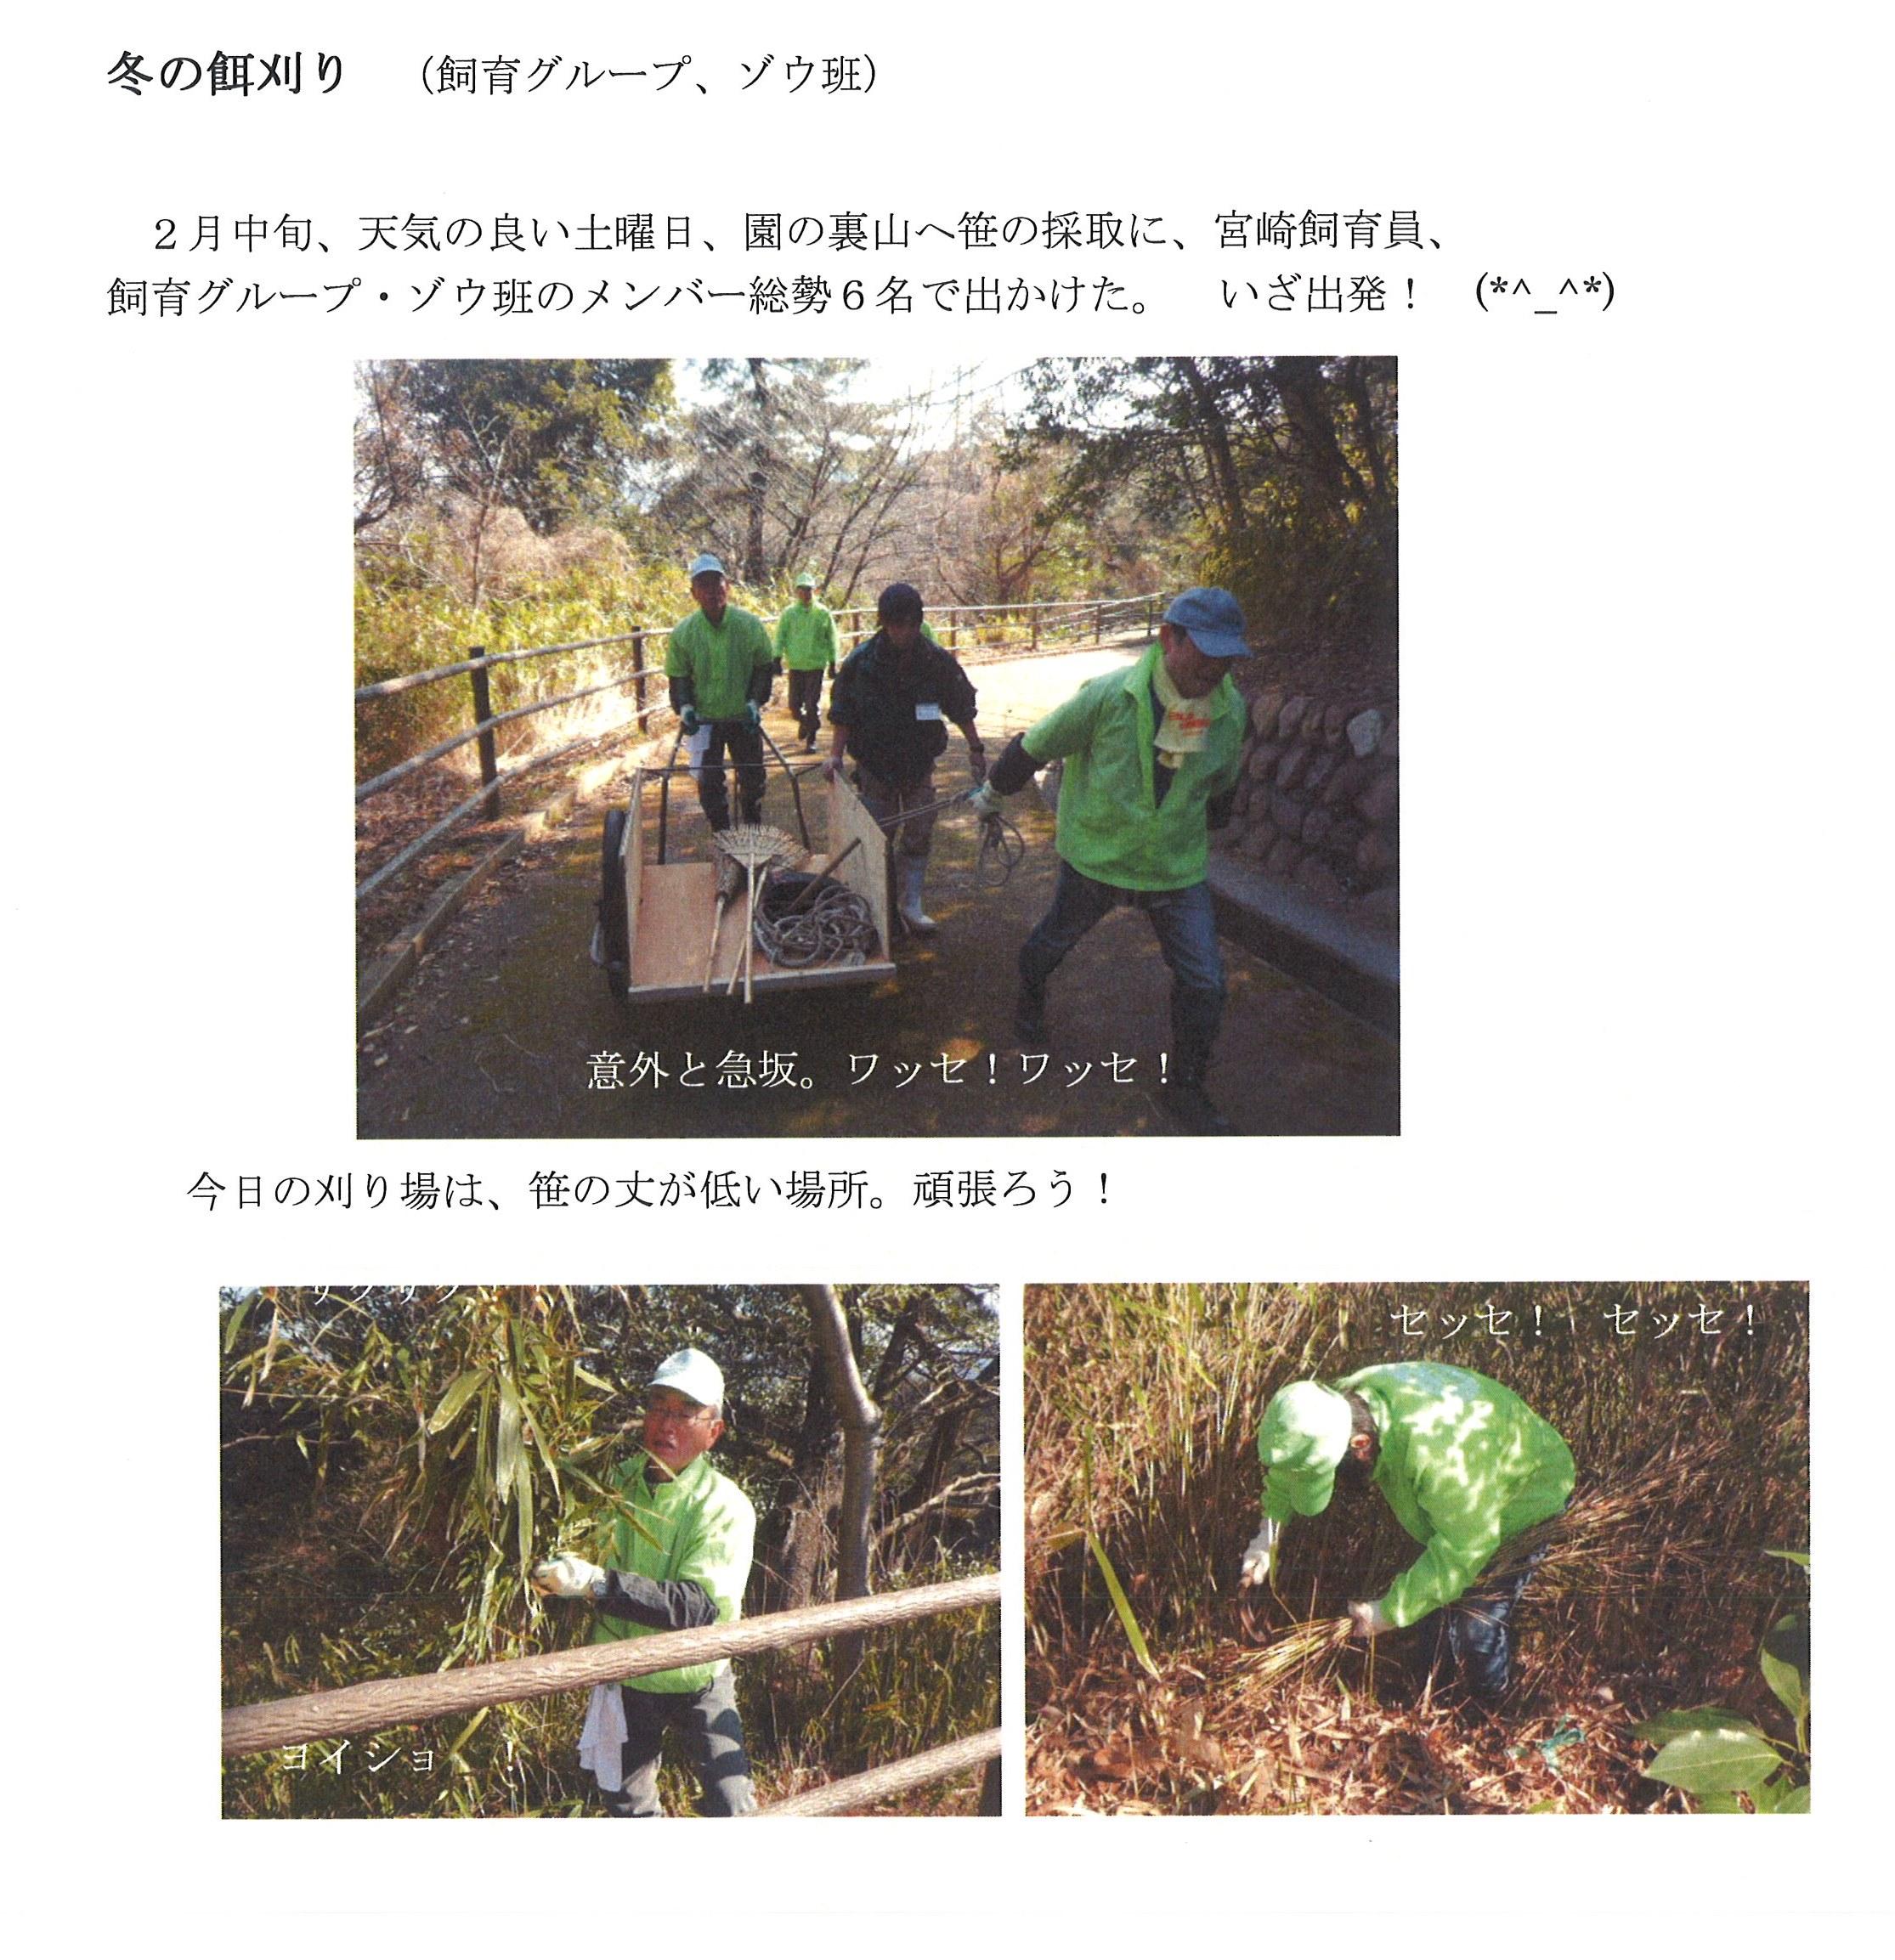 20150219_森のお話探検隊_1.jpg